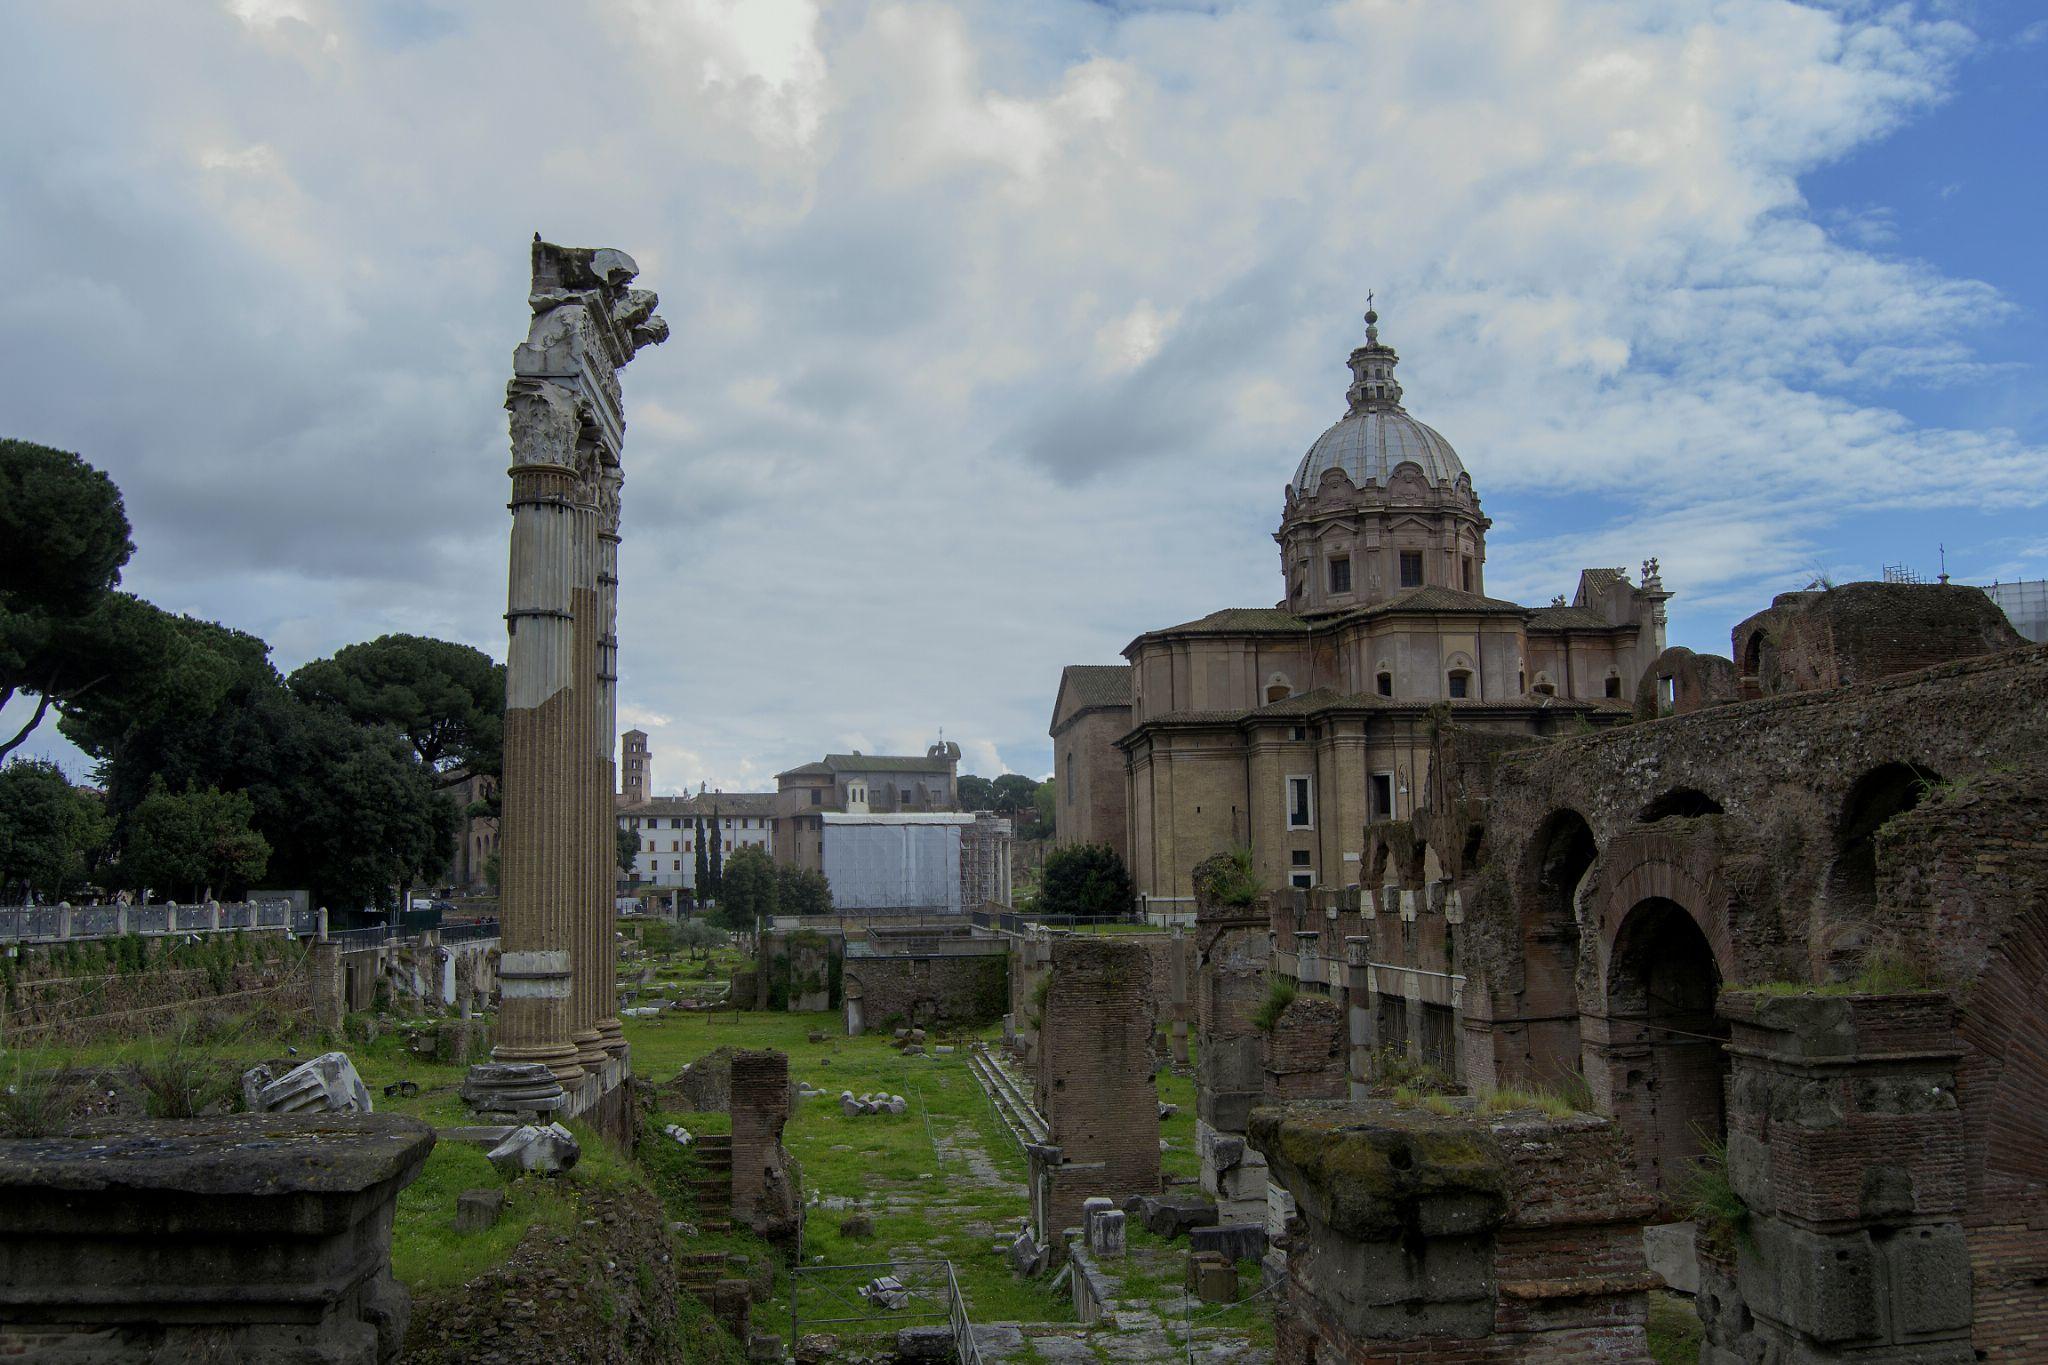 Rome, Via dei Fori Imperiali by PatriziaCortellessa